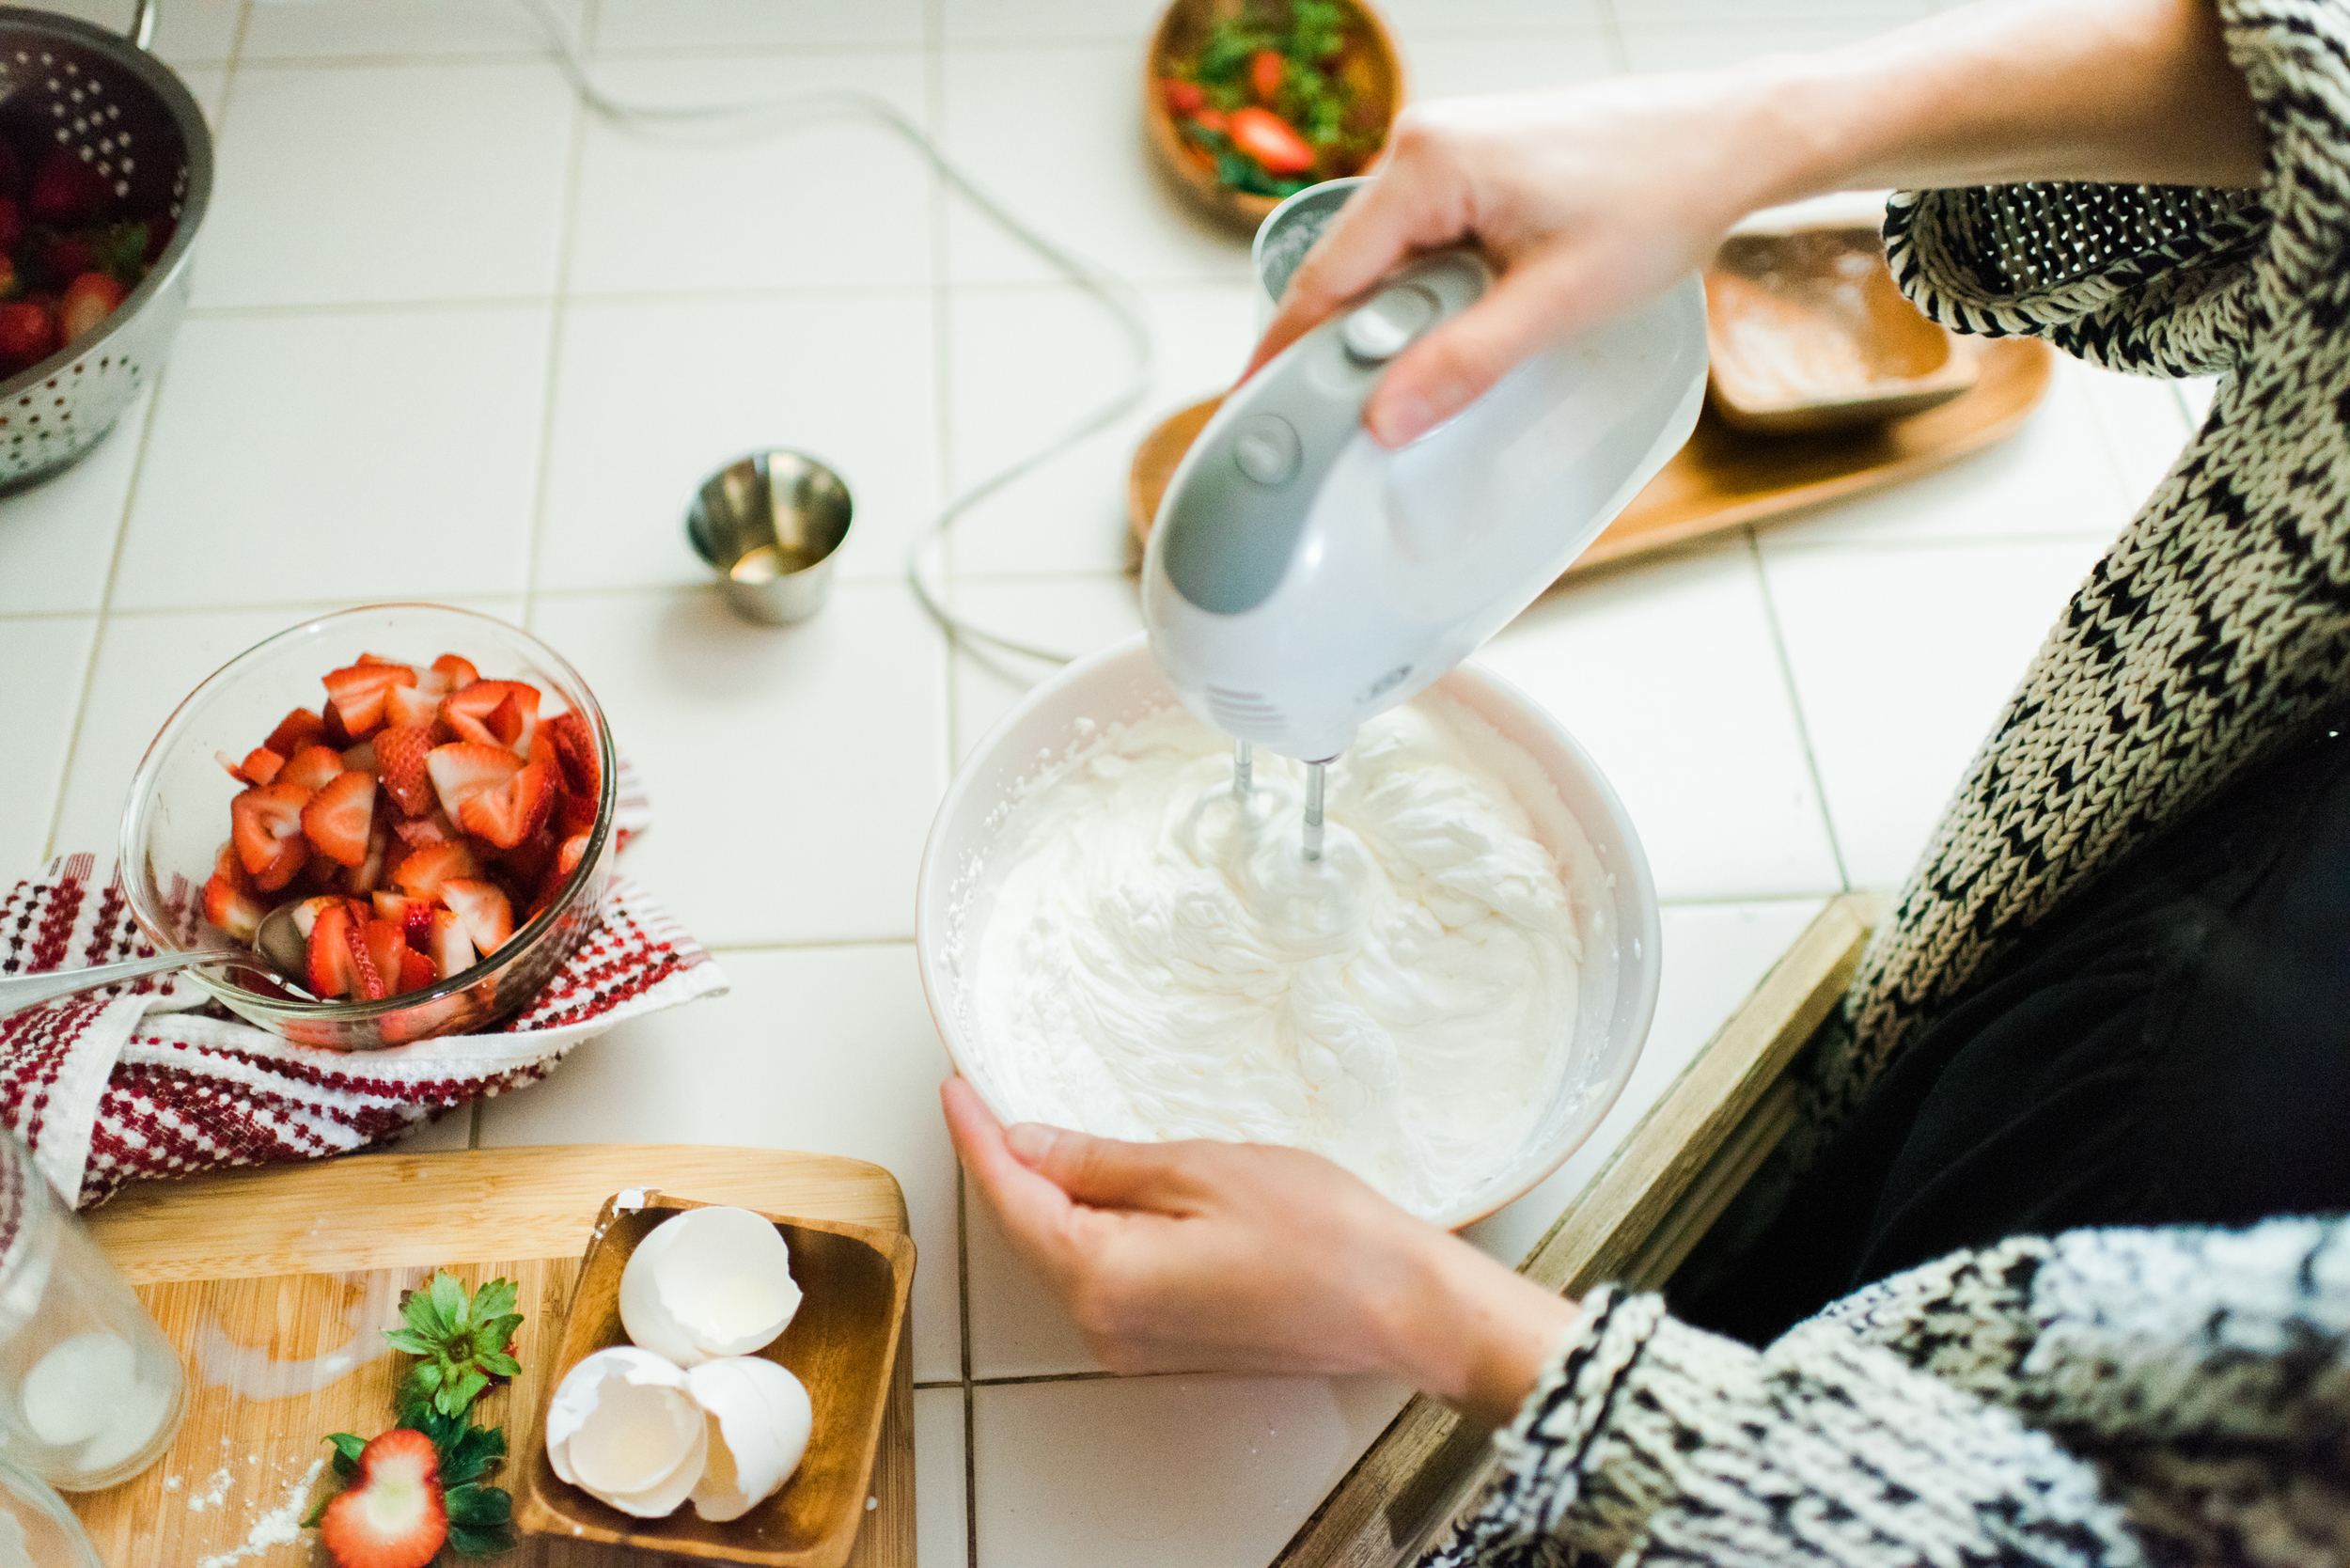 the-best-homemade-crepe-recipe-the-spice-girl-blog (25 of 36).jpg